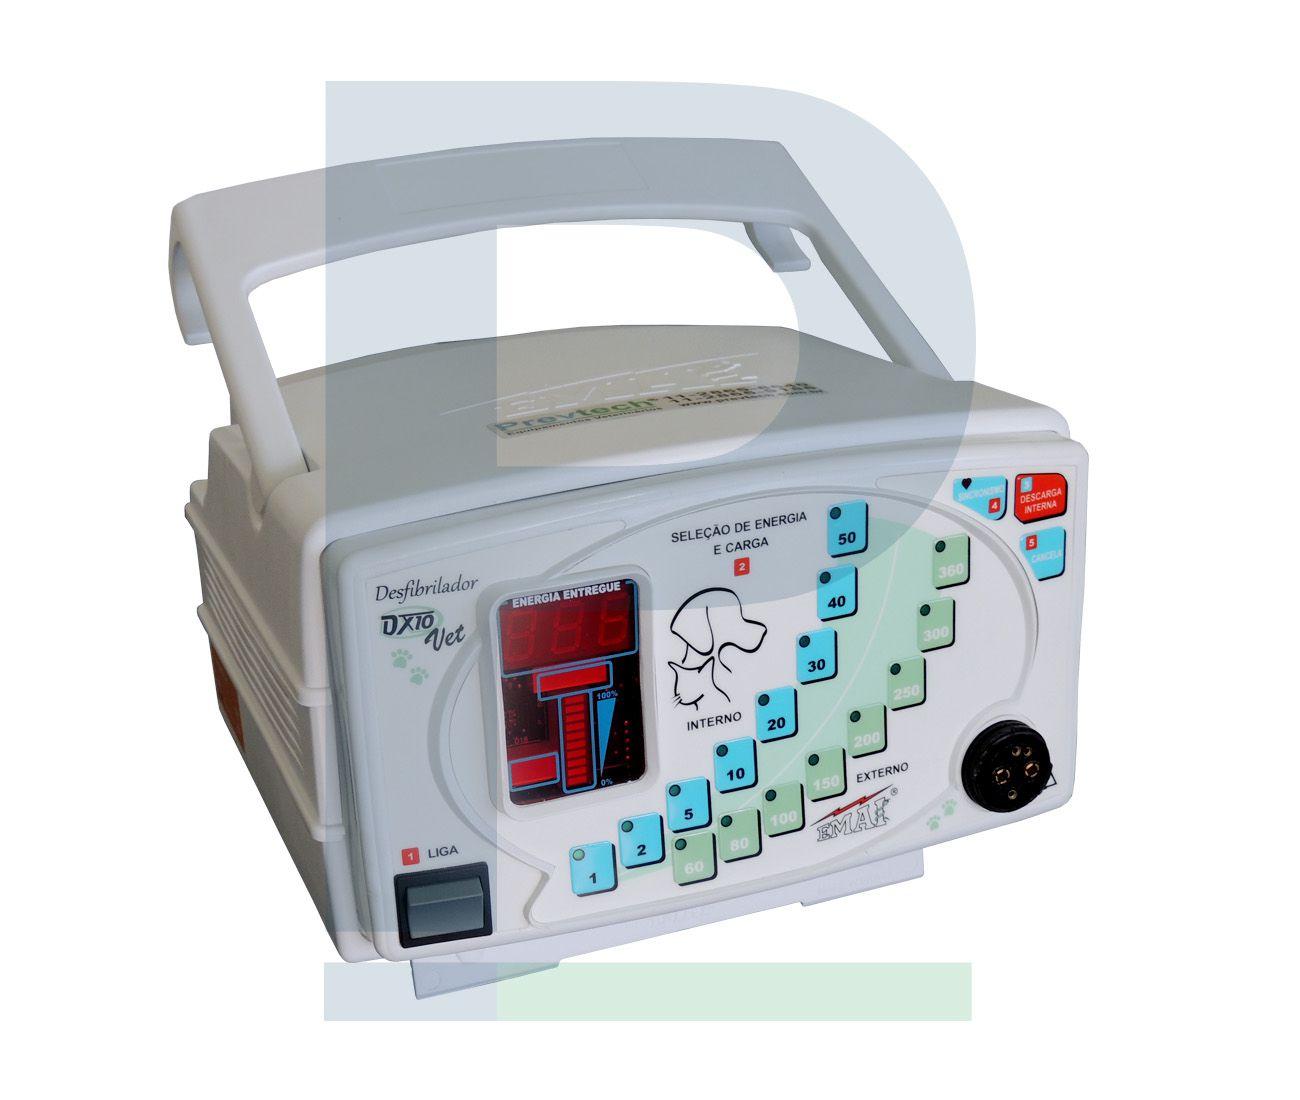 Desfibrilador DX10 - Vet